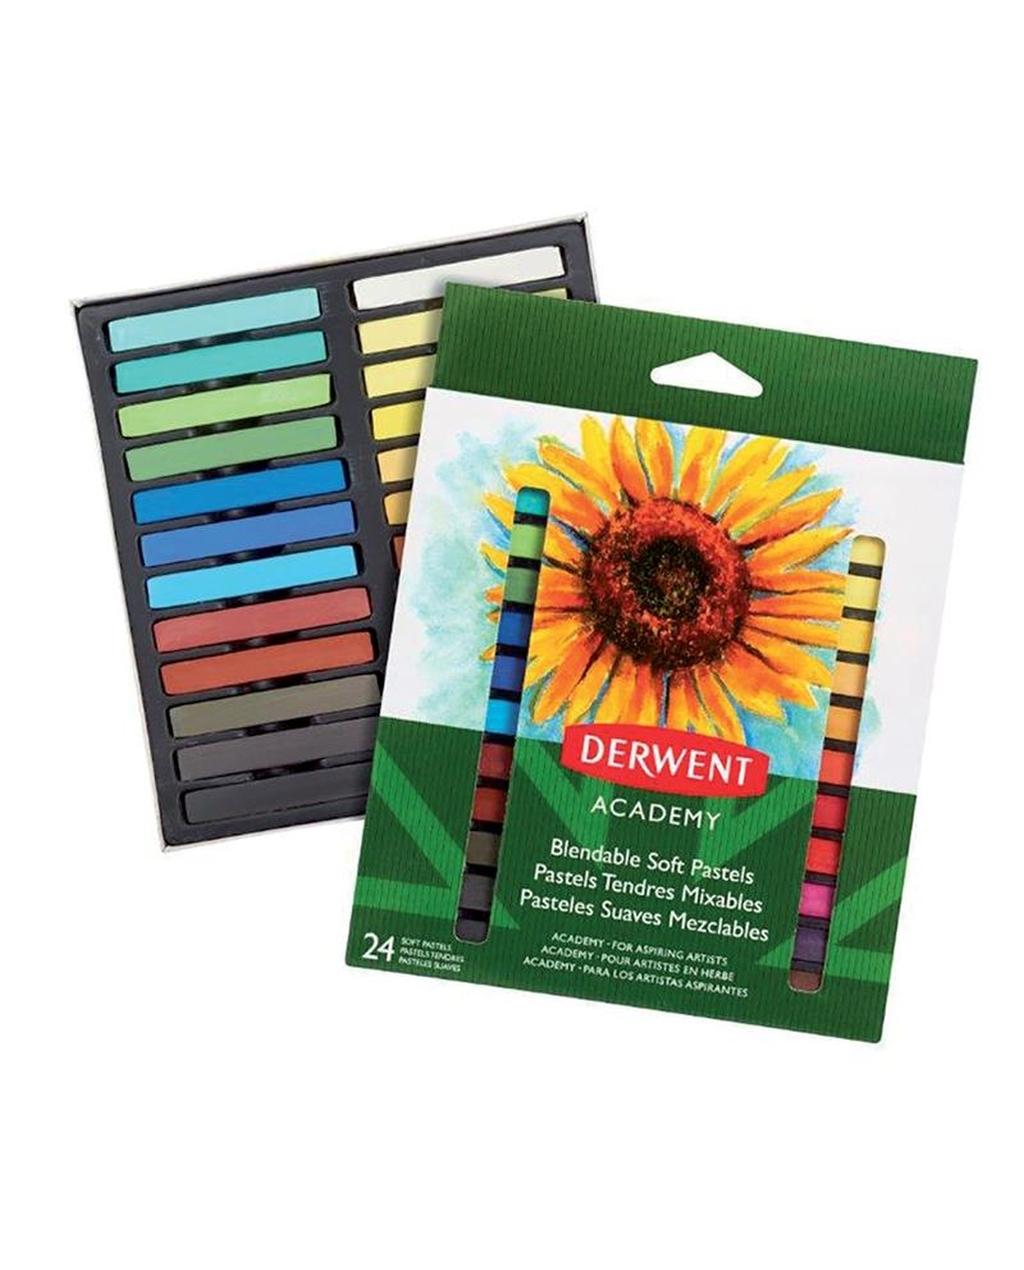 Derwent Academy Soft Pastels